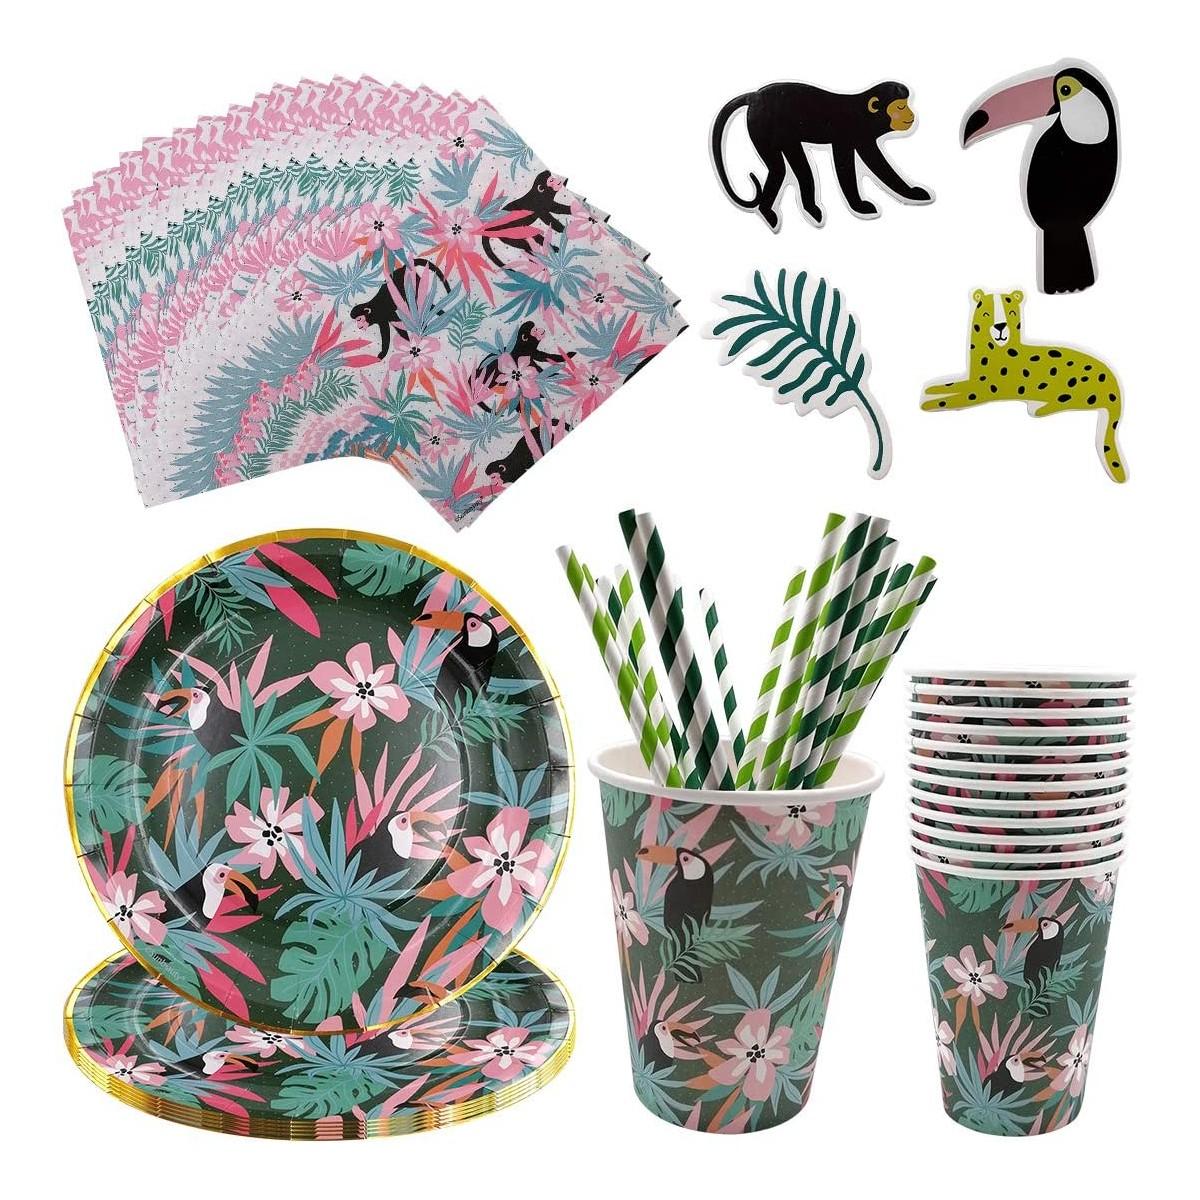 Kit per 12 persone tema Hawaiana / Fenicotteri, accessori per feste